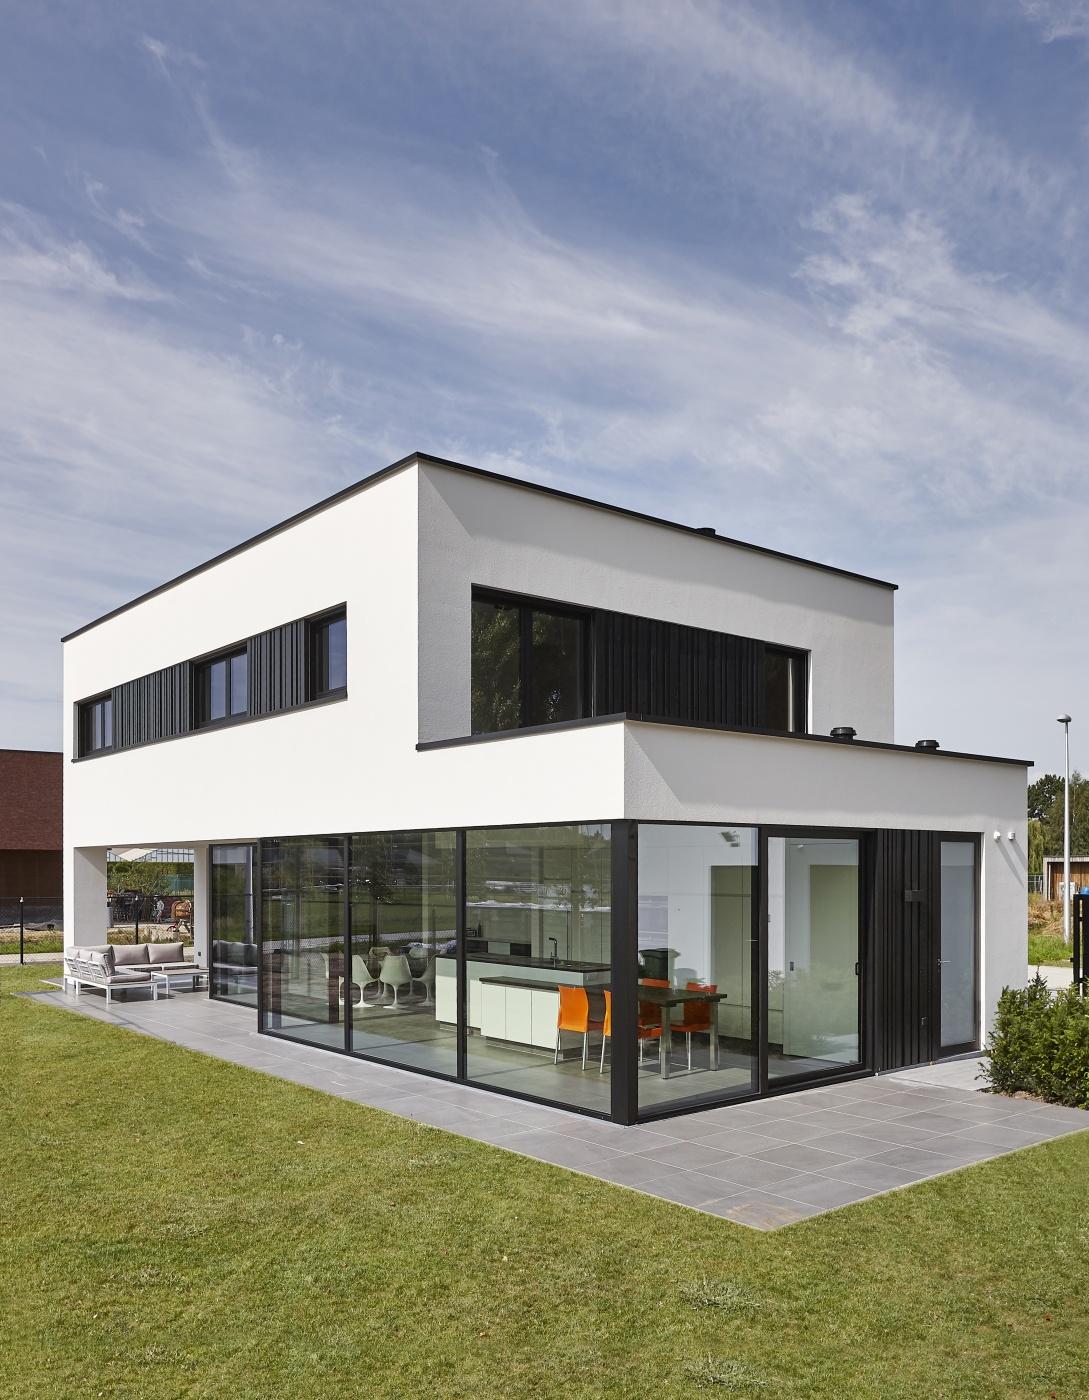 Villabouw dumobil tielt west vlaanderen for Huizen moderne stijl